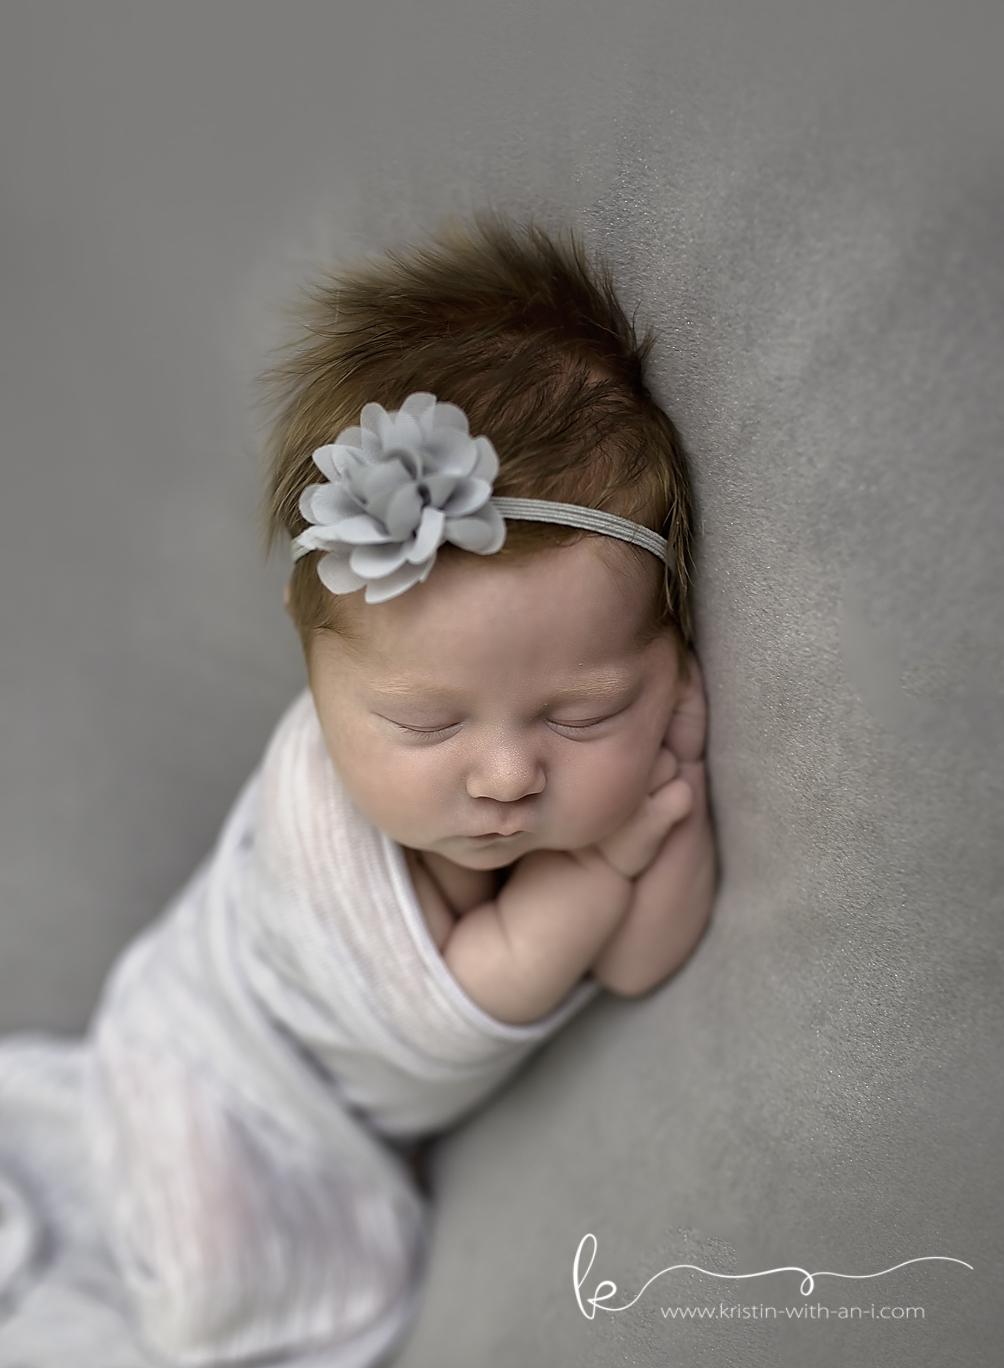 Allentown Newborn Photographer